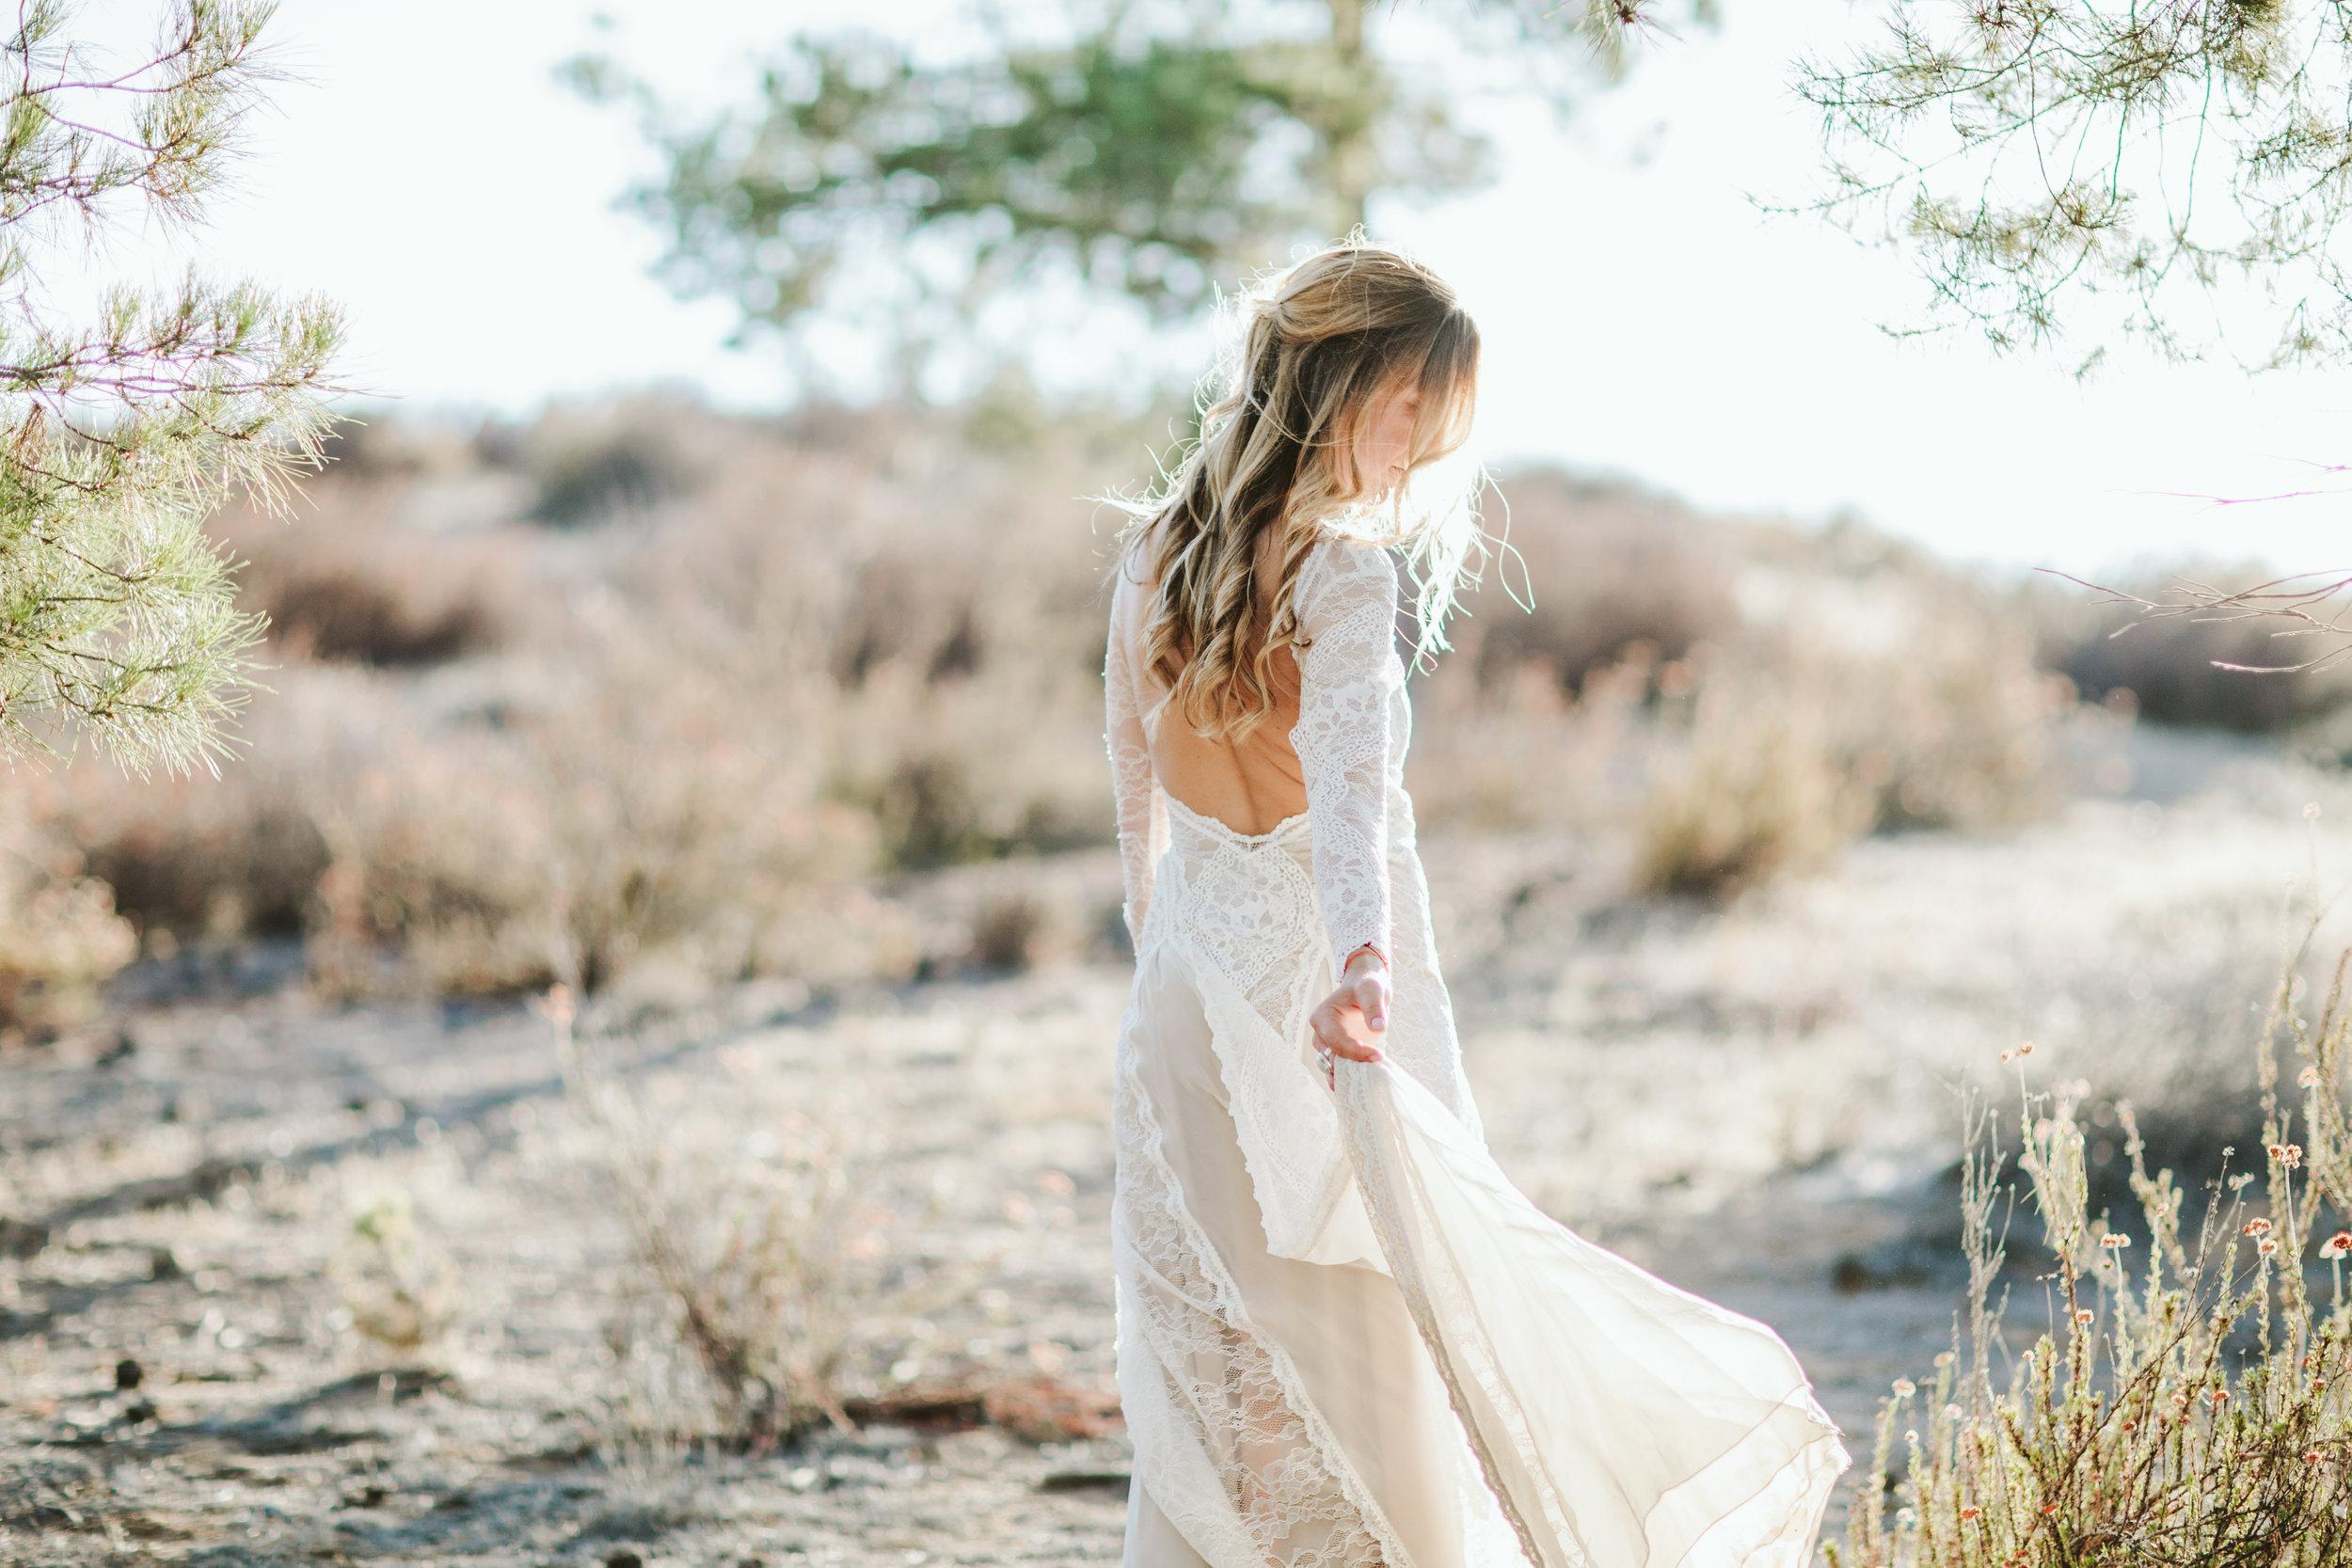 kateandgreg-married-859.jpg